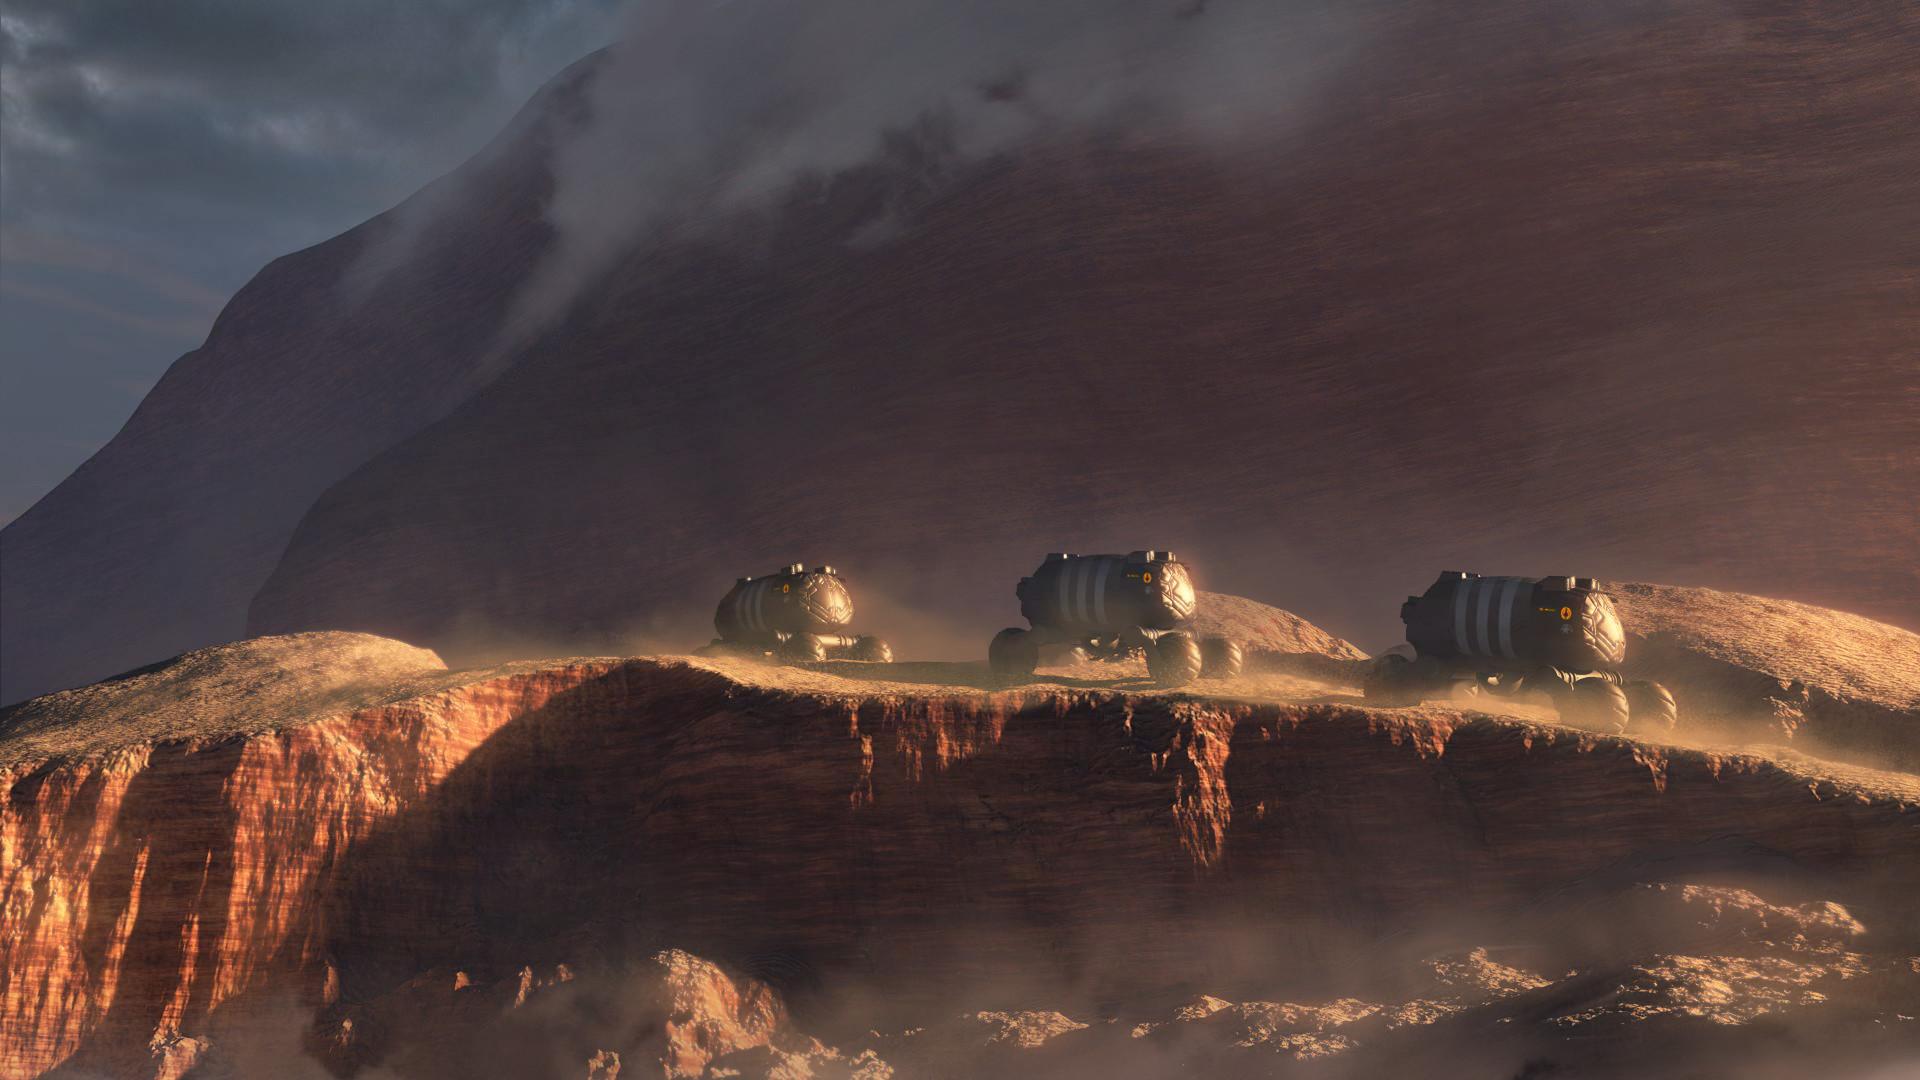 Godwin akpan canyon